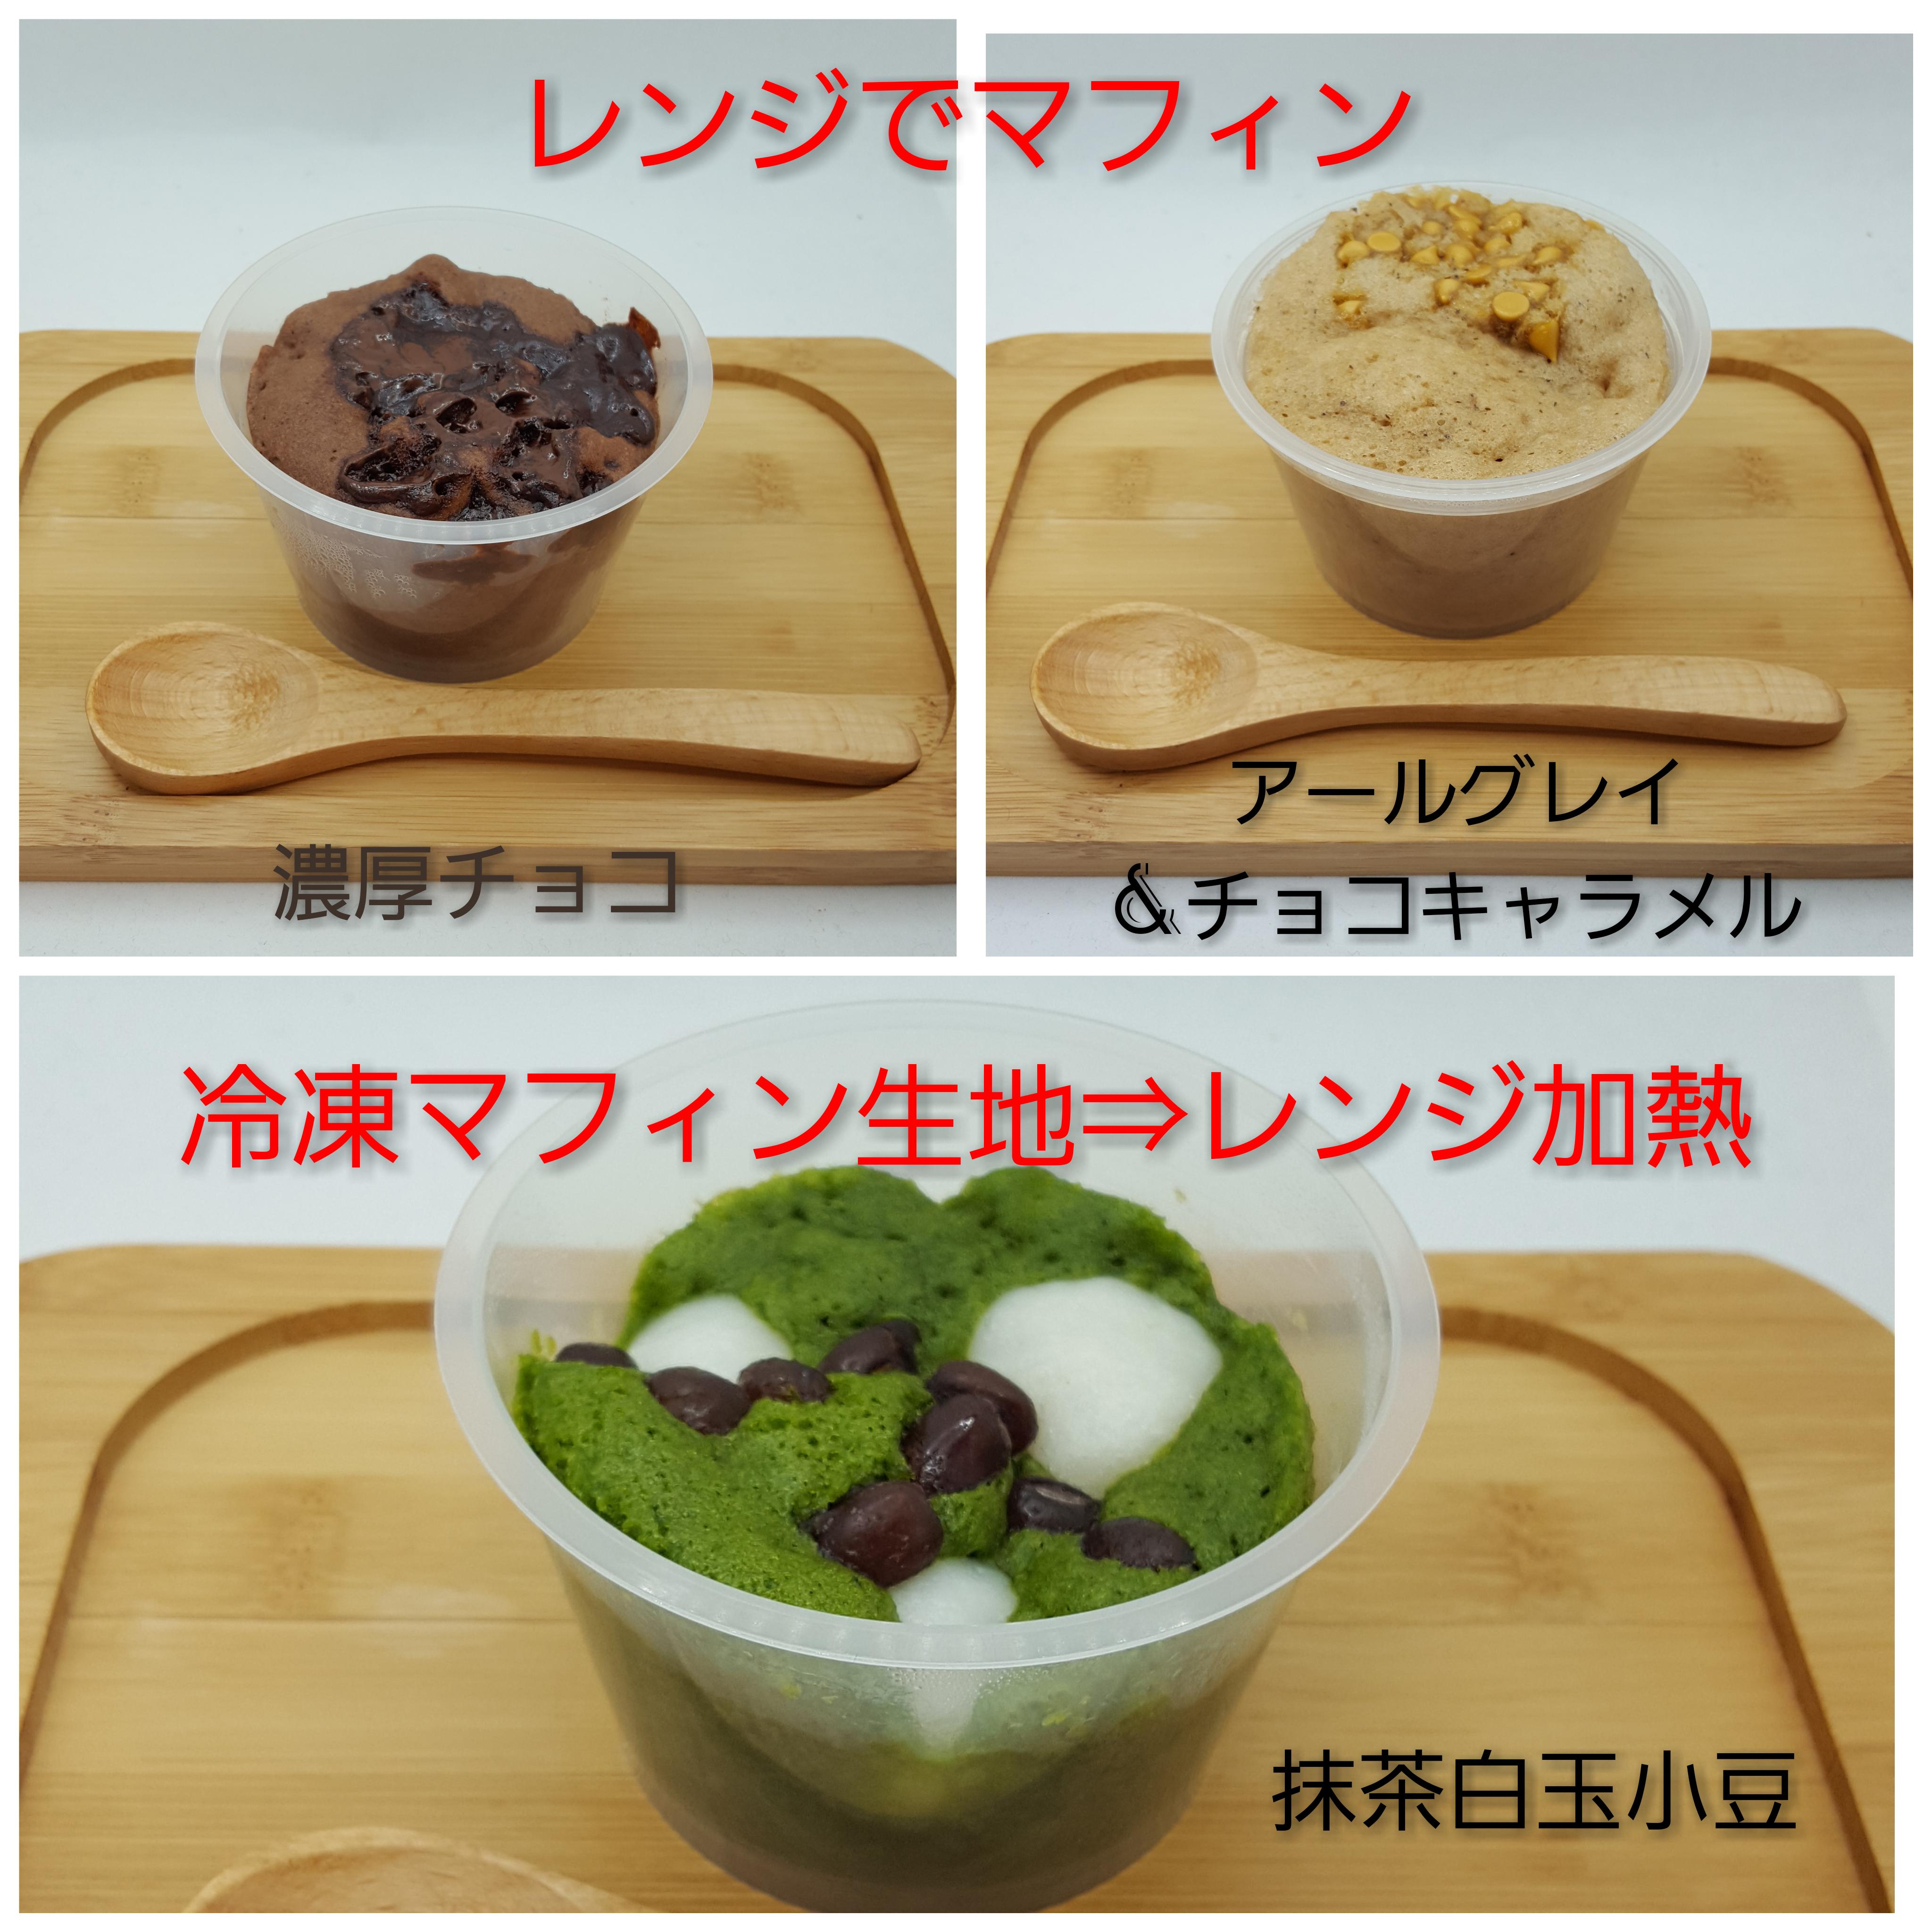 『レンジでマフィン』3種類の味 ★抹茶白玉小豆 ★濃厚チョコ ★アールグレイ&チョコレート